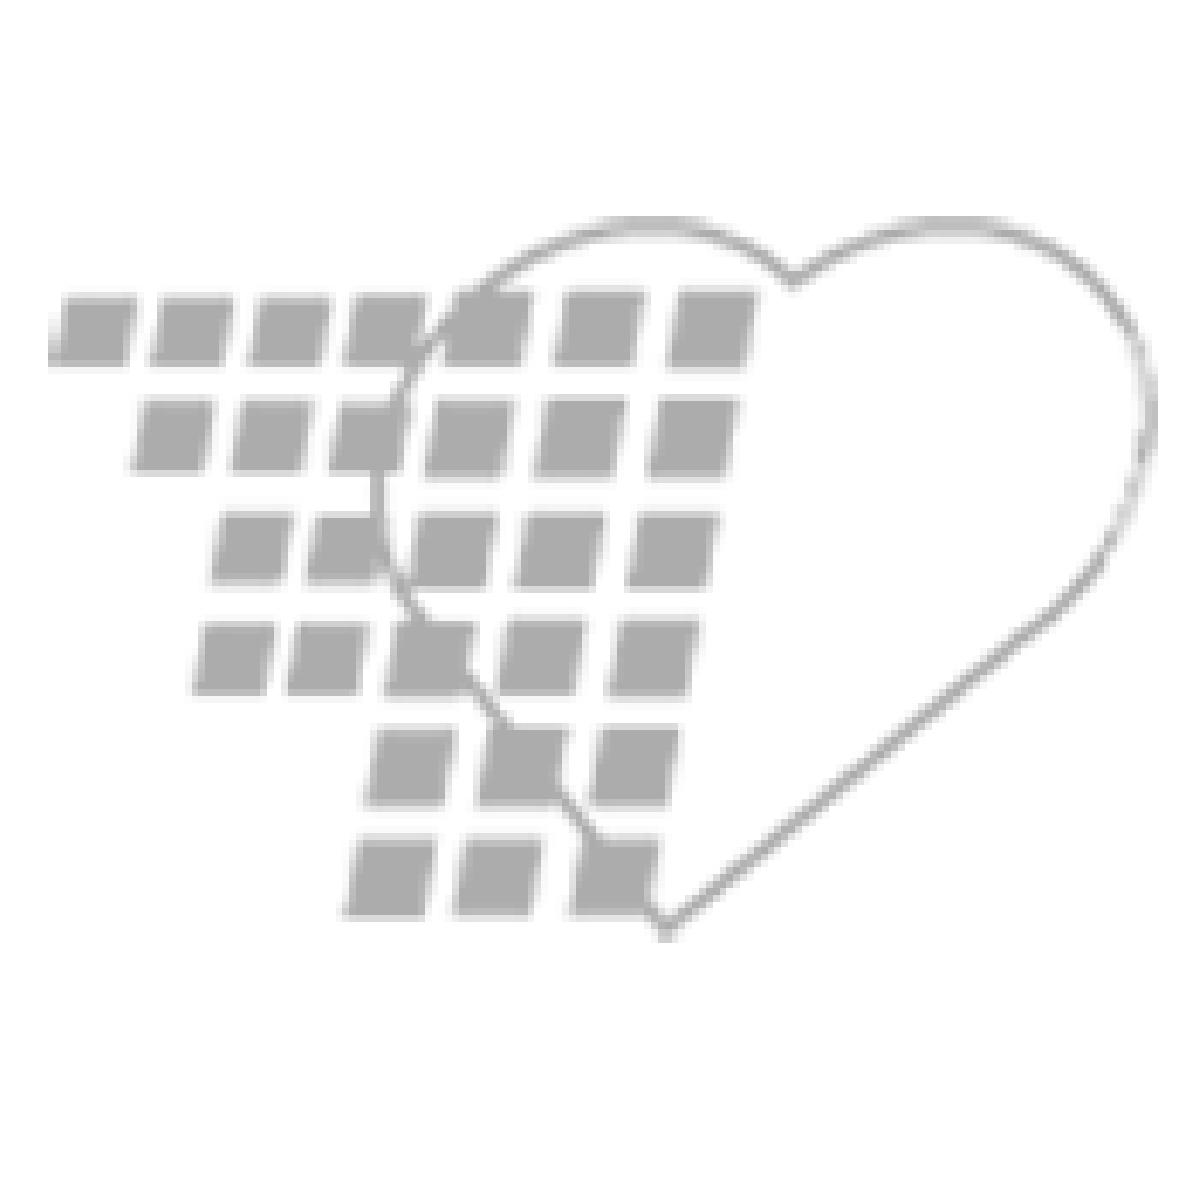 06-18-5016 ChemoPlus™ Chemo Spill Kit